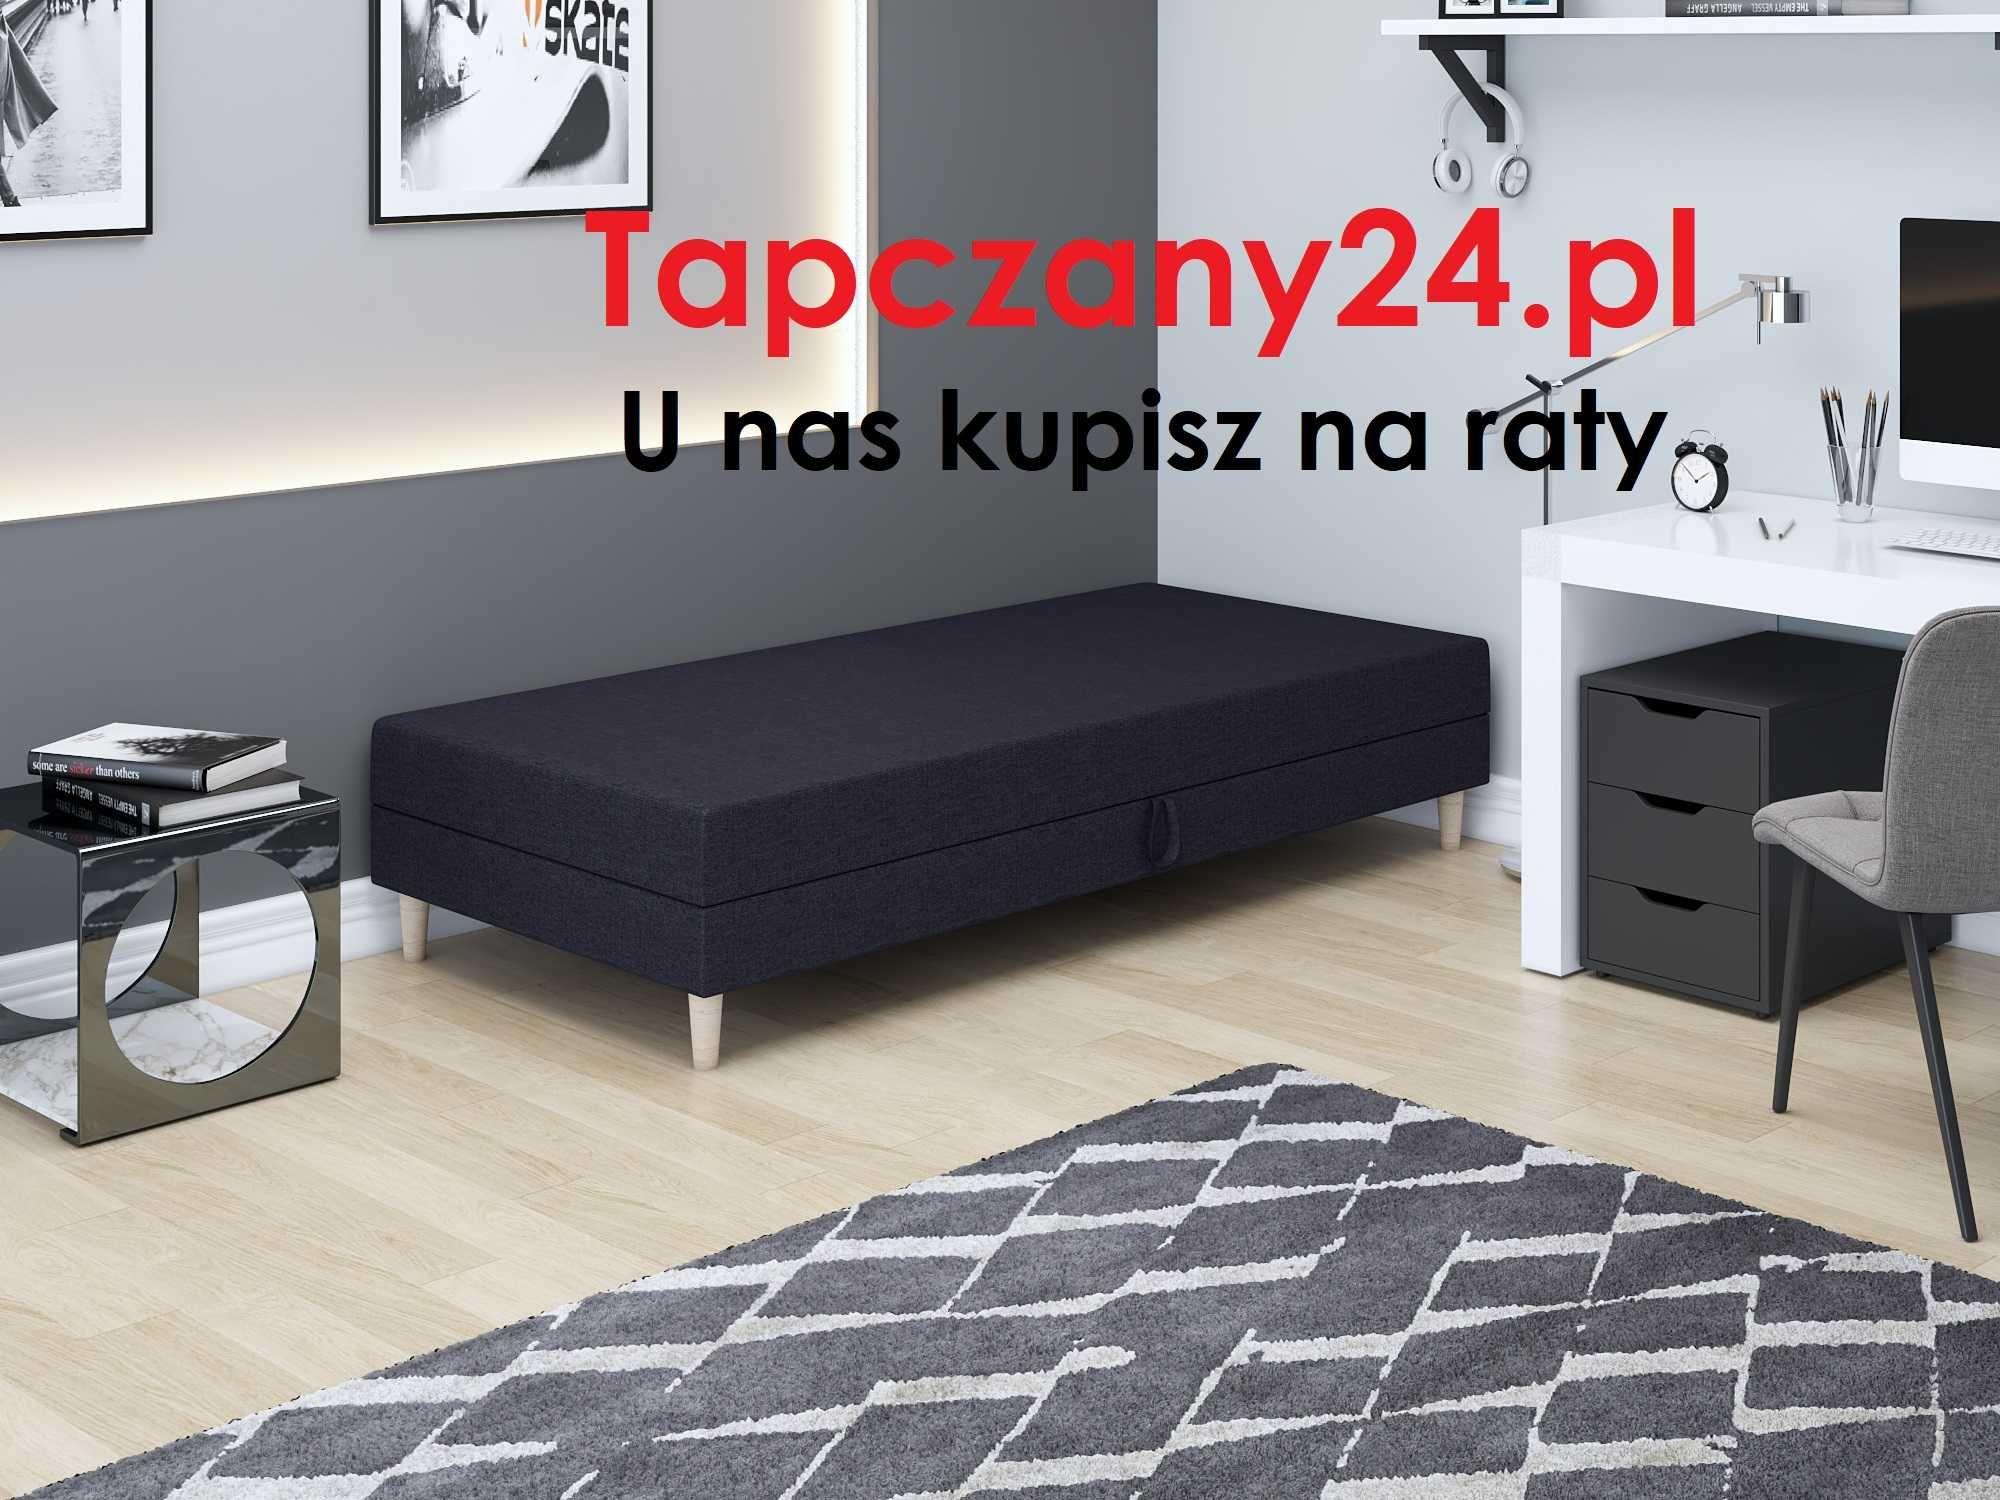 Łóżko jednoosobowe do pokoju młodzieżowego skandynawski styl +pojemnik